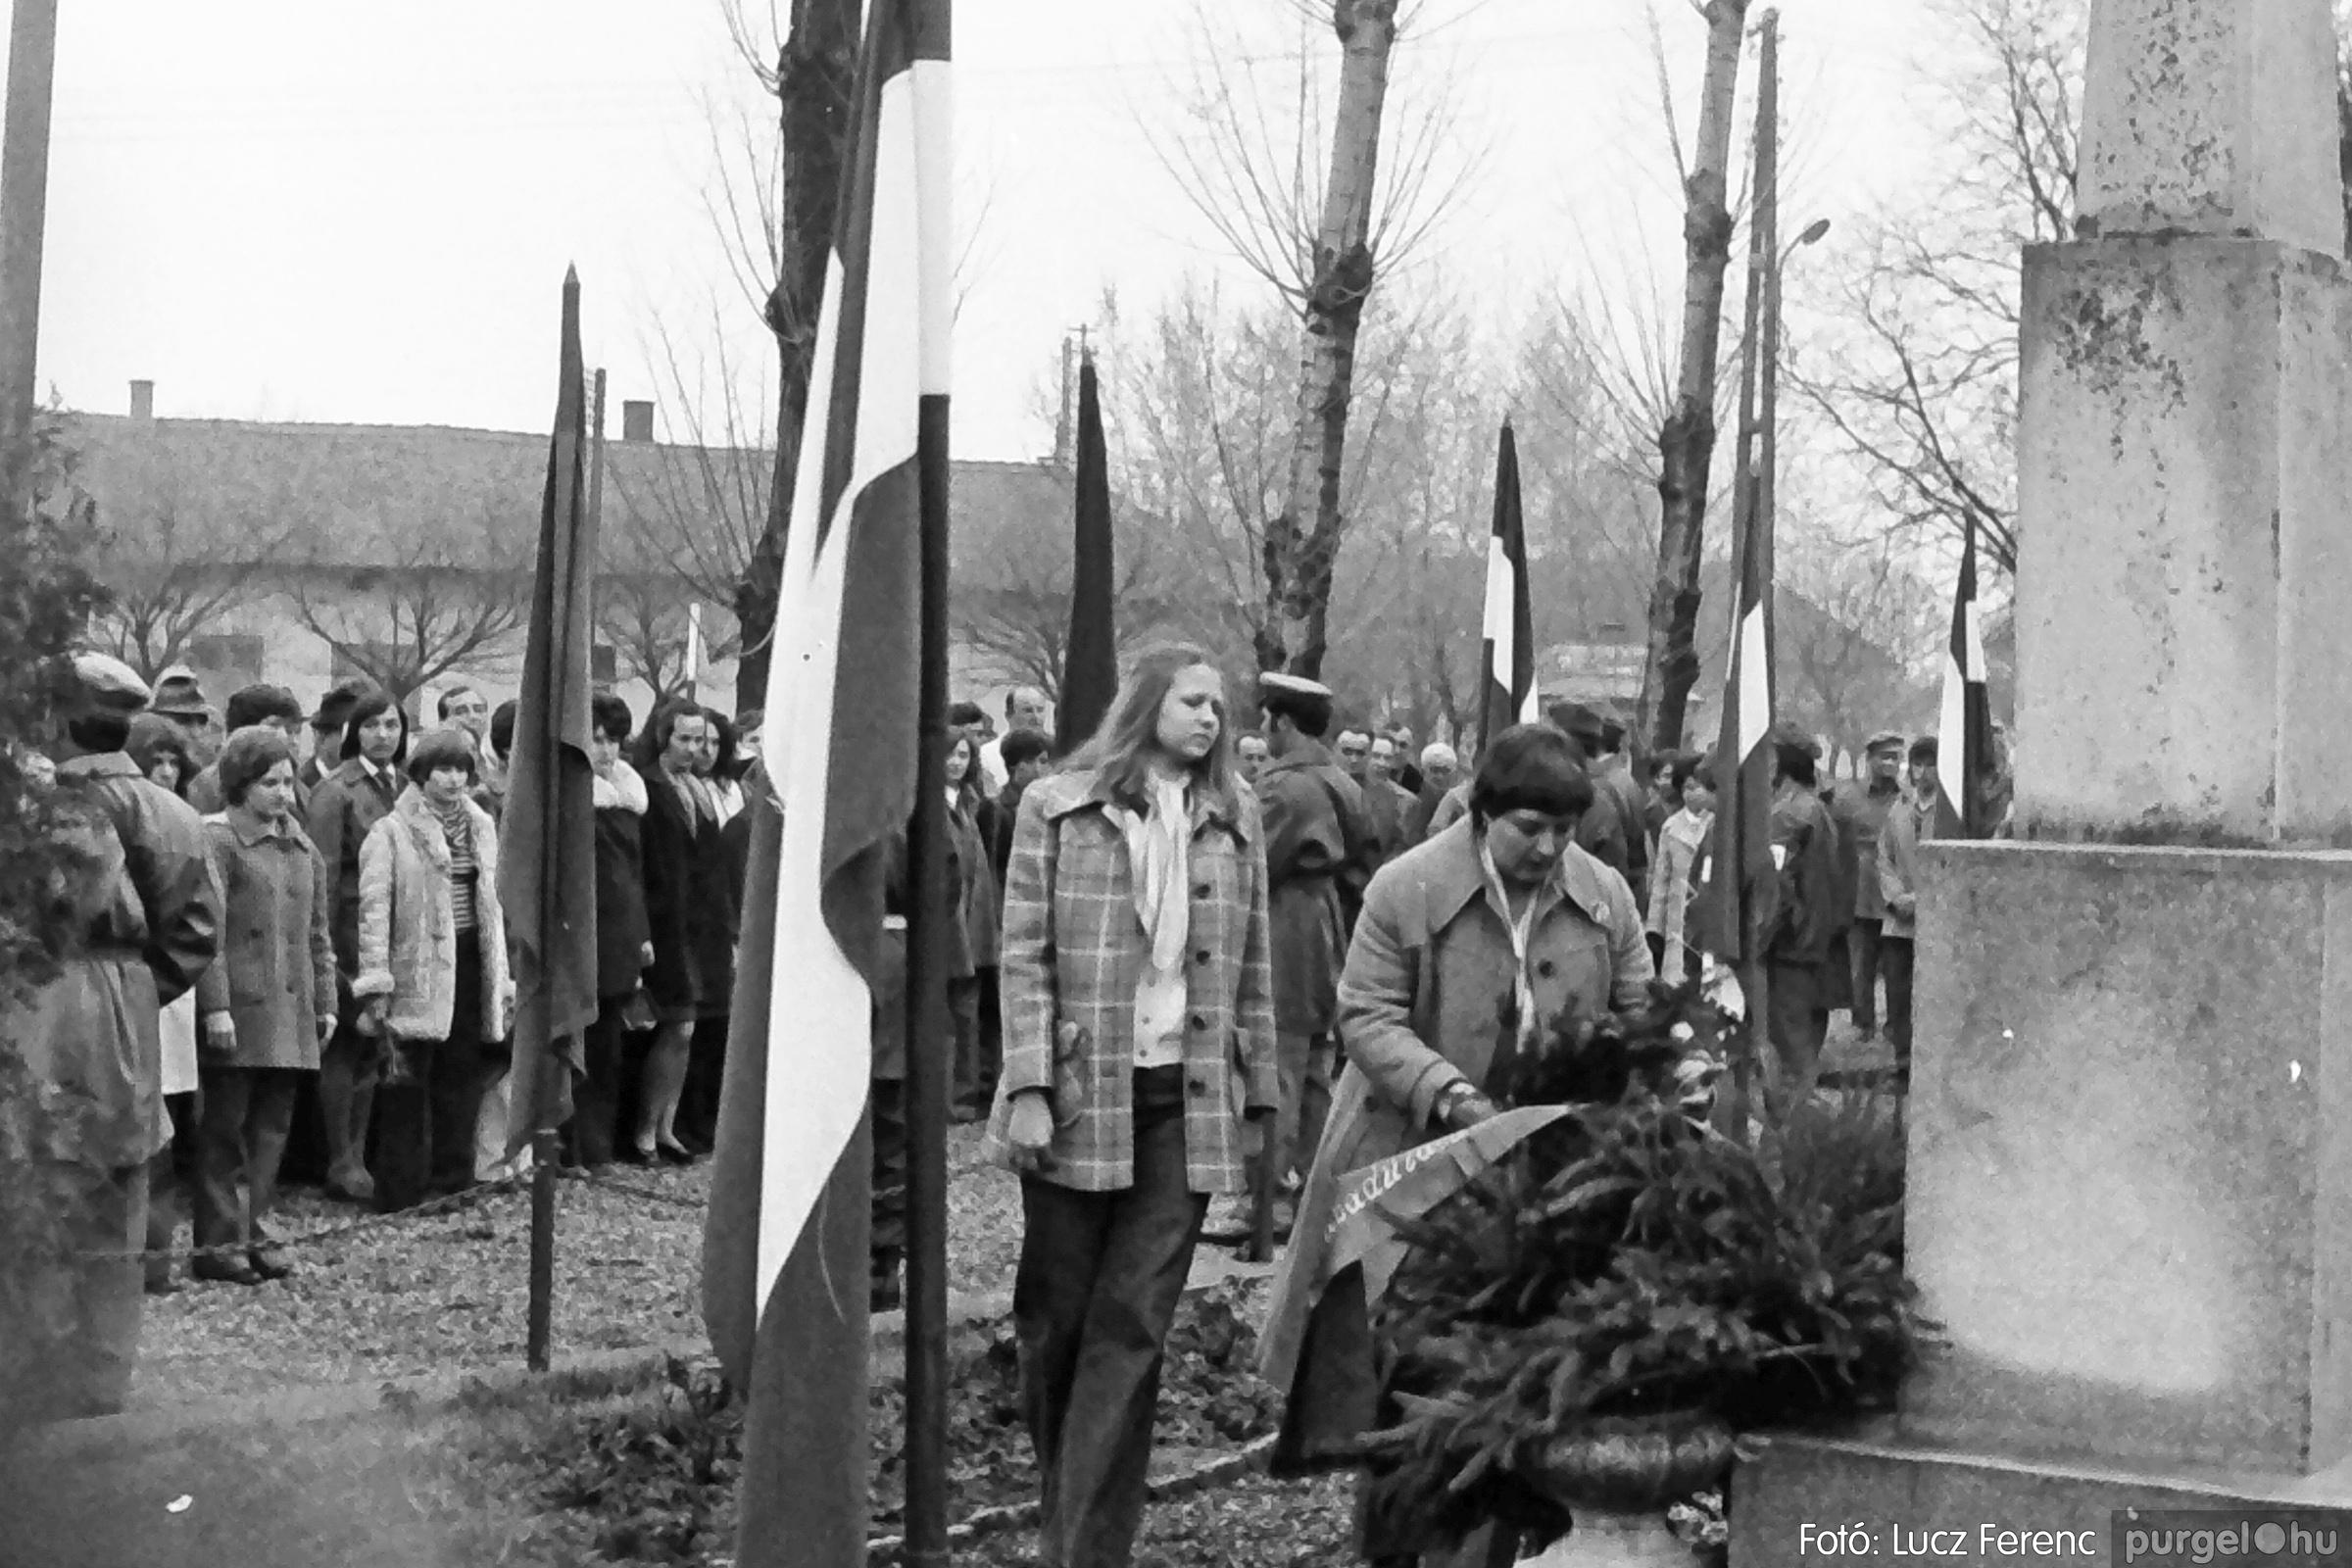 078. 1977.04.04. Április 4-i ünnepség 015. - Fotó: Lucz Ferenc.jpg